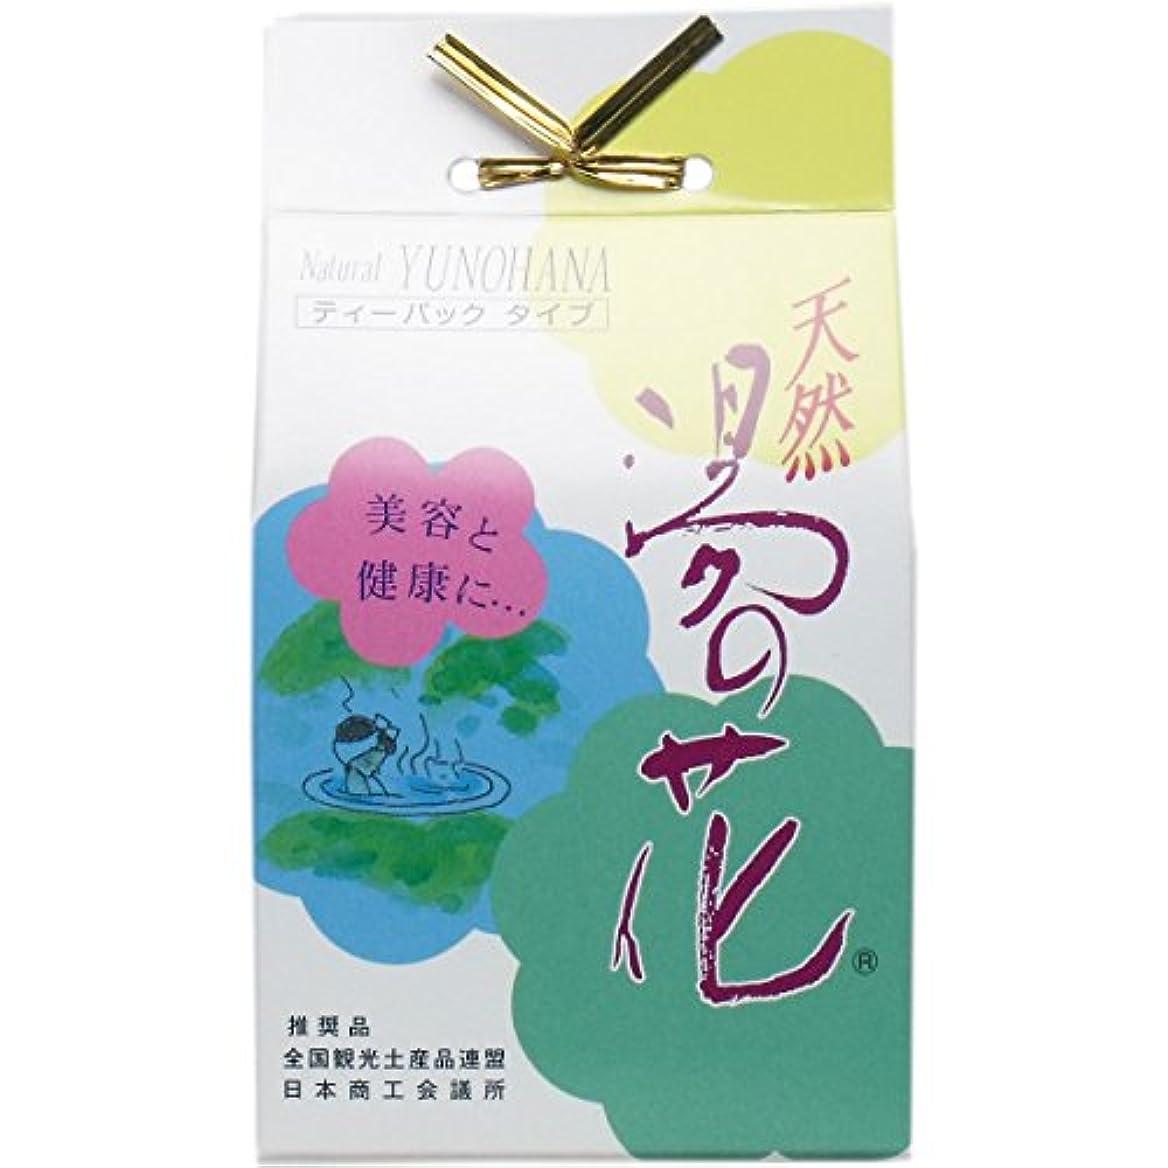 悪いハイキング天国天然湯の花 KTS (15g × 3包)